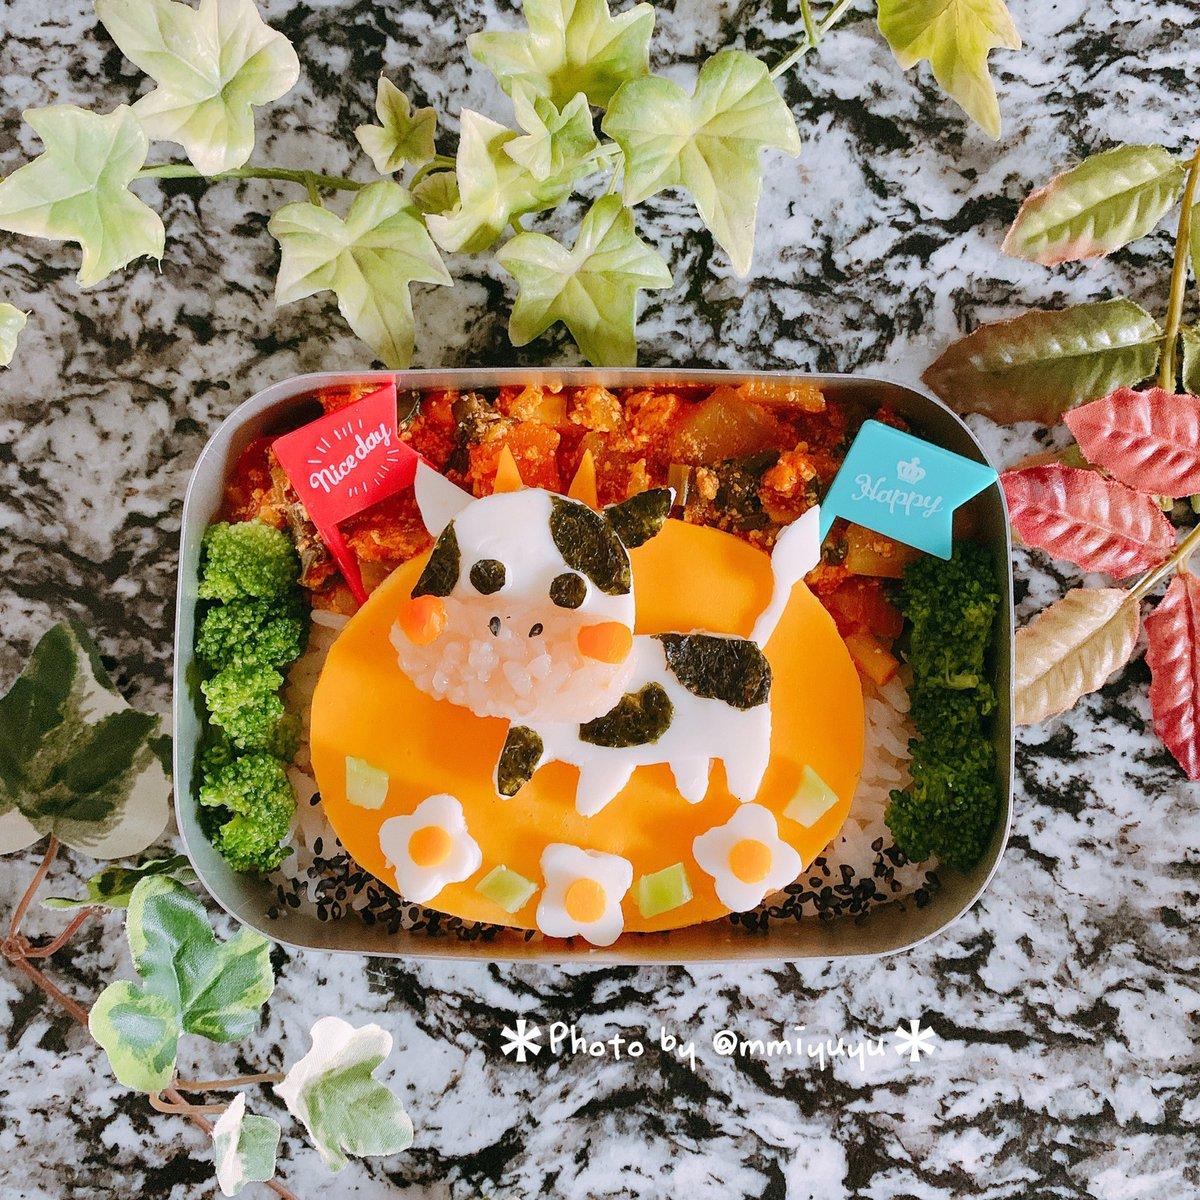 昔々に作ったけれど ちょうど丑年なので 今更ながら🐄  着色料不使用の #無添加デコ弁 🍙ྀི  #2021年 #丑年   #無添加キャラ弁 #無添加 #キャラ弁 #デコ弁 #弁当 #料理  #lunch #cooking #art #food #foodart #organic #牛